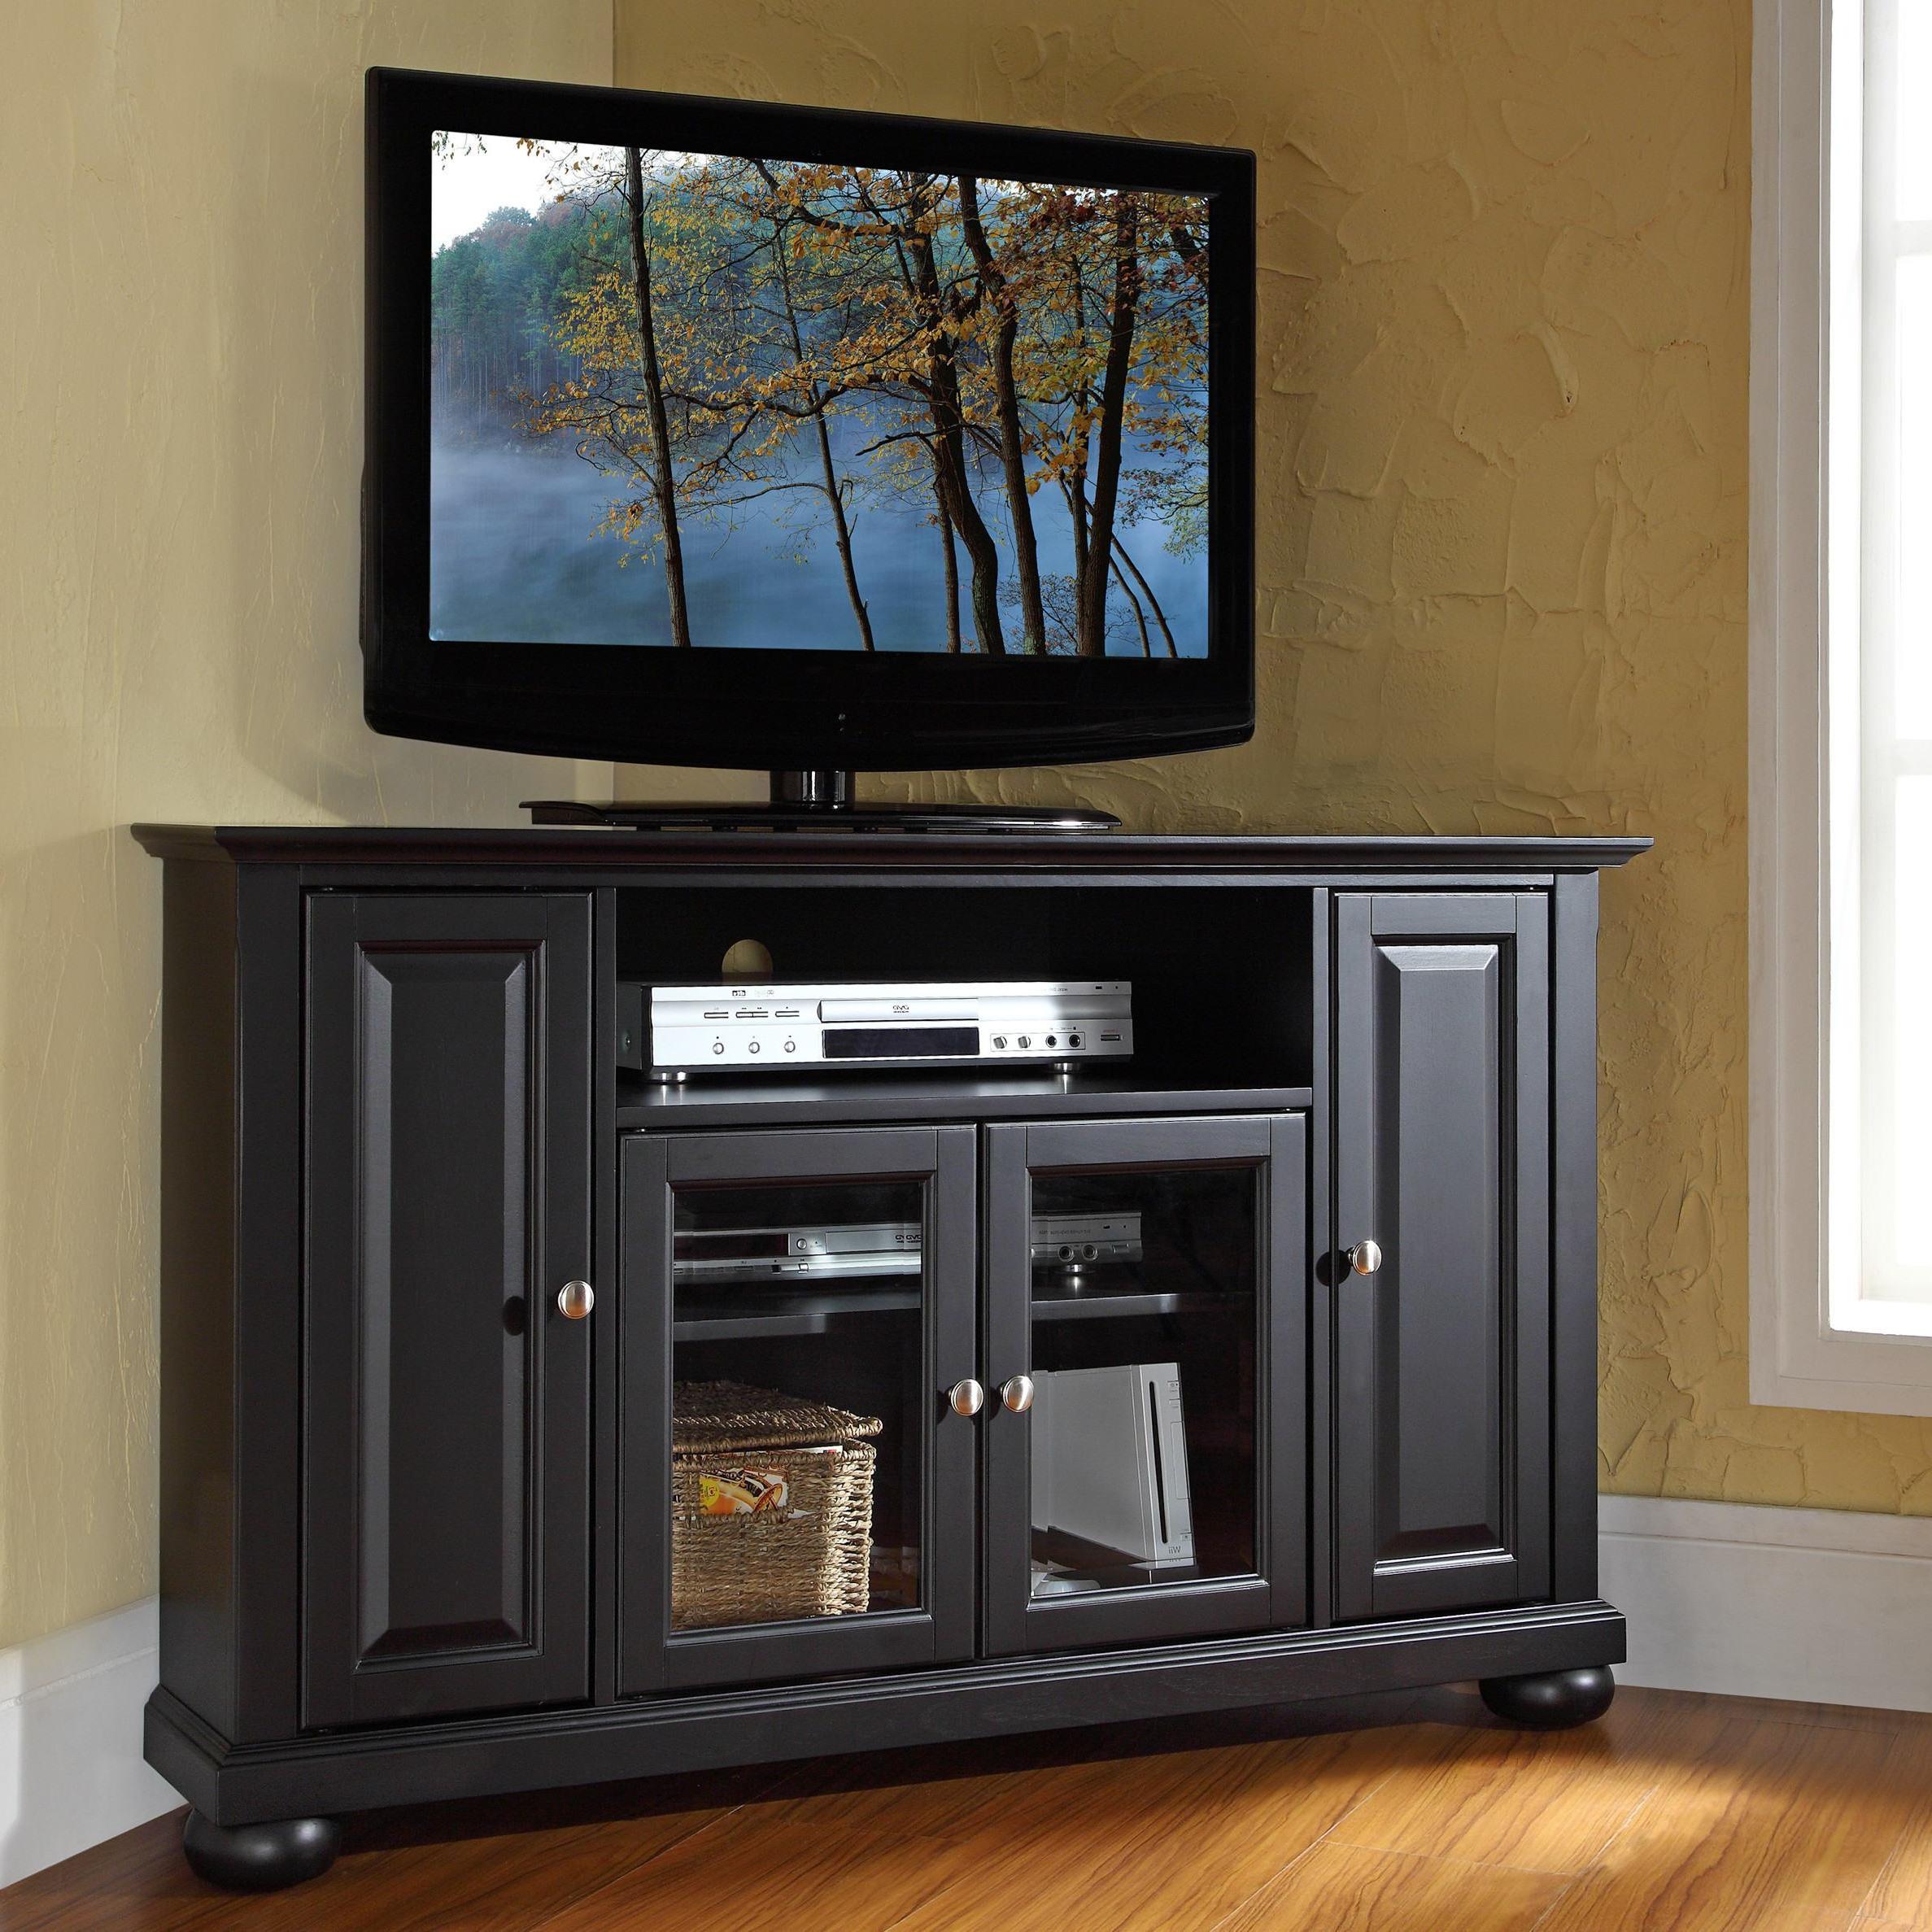 Latest Luxurious Phoenix Group Soho Tv Cabinet Wayfair Tv Cabinets Within Soho Tv Cabinets (View 6 of 20)